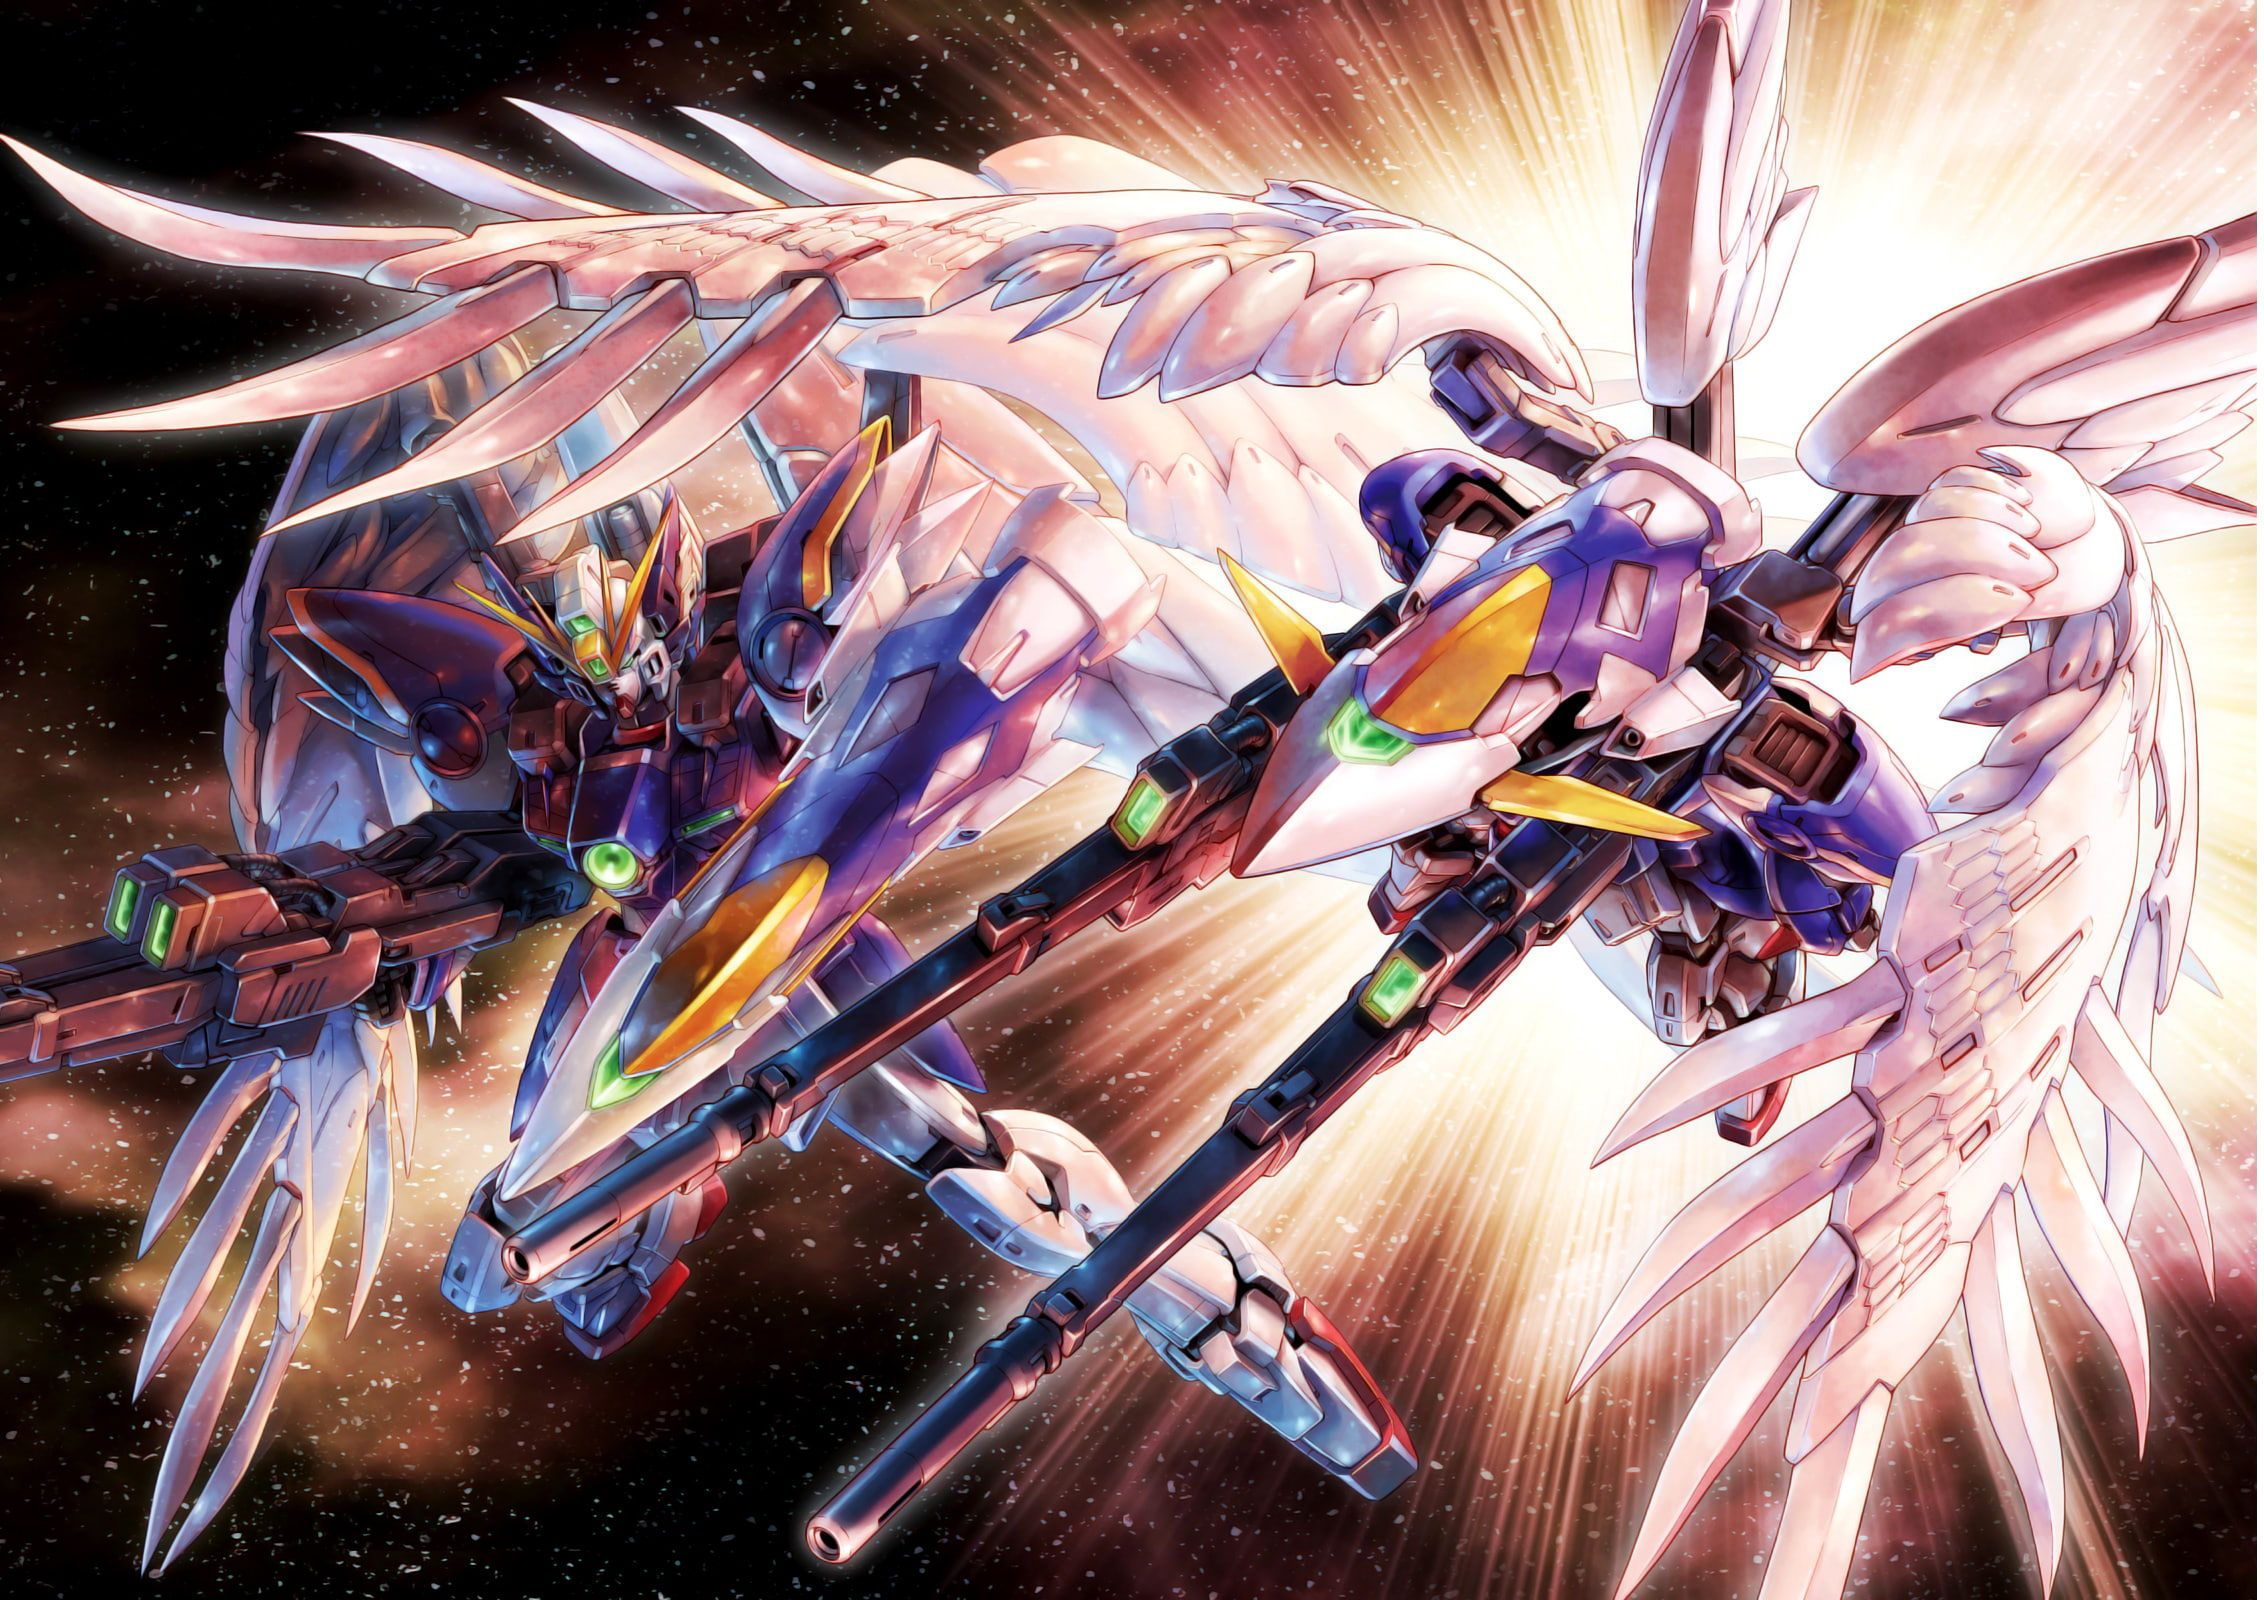 Anime Mobile Suit Gundam Wing 1080p Wallpaper Hdwallpaper Desktop In 2020 Mobile Suit Gundam Wing Gundam Wing Gundam Art